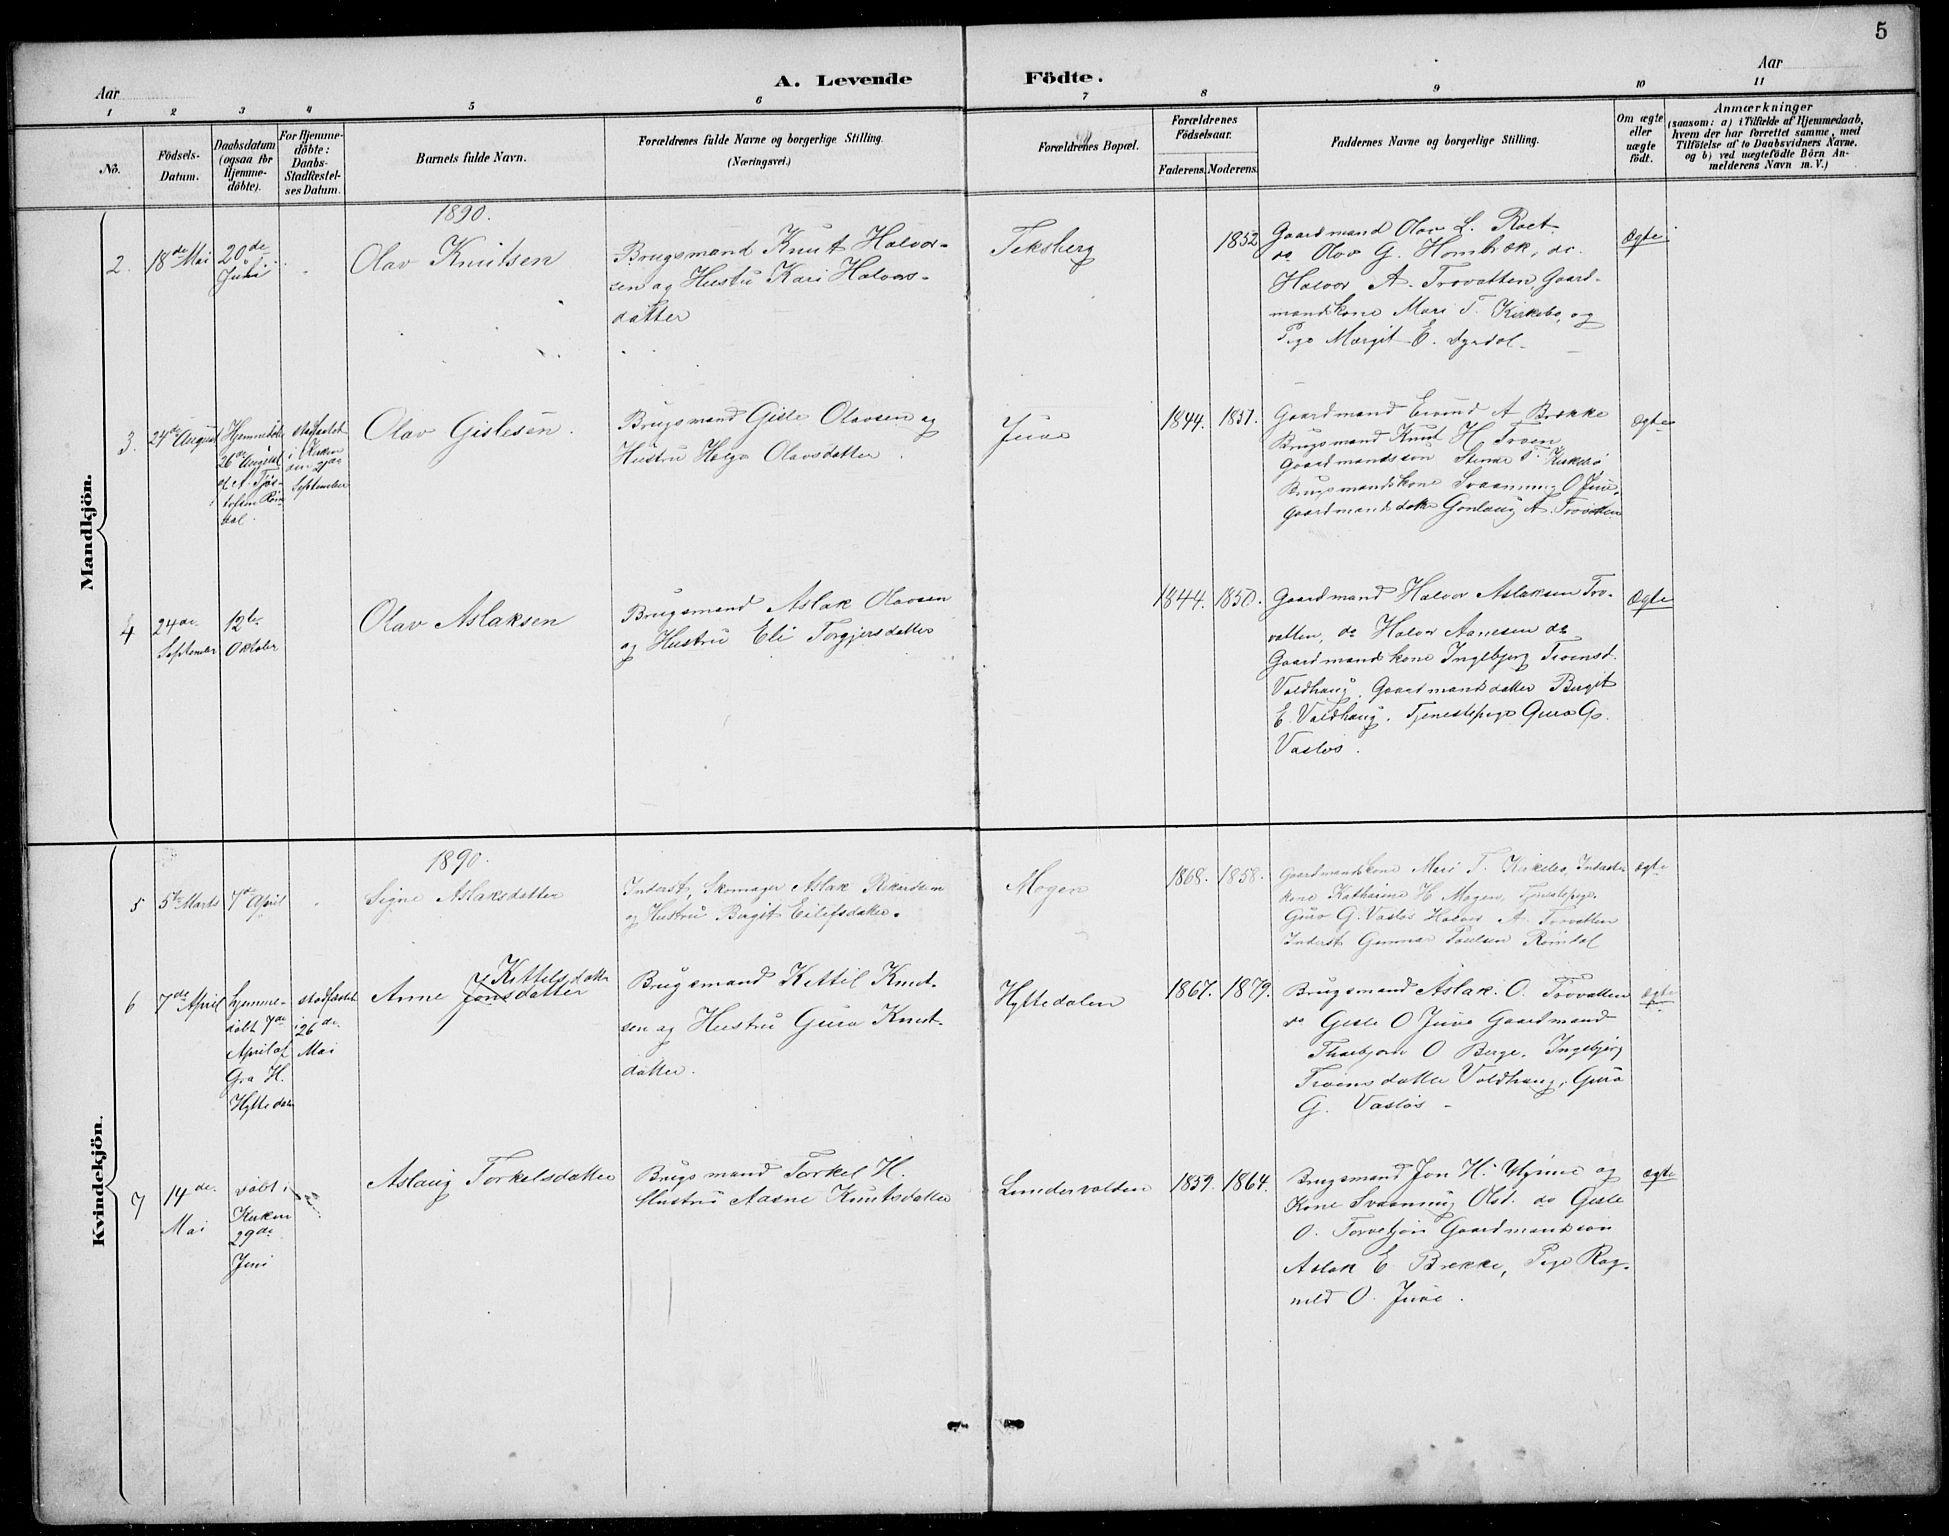 SAKO, Rauland kirkebøker, G/Gb/L0002: Klokkerbok nr. II 2, 1887-1937, s. 5